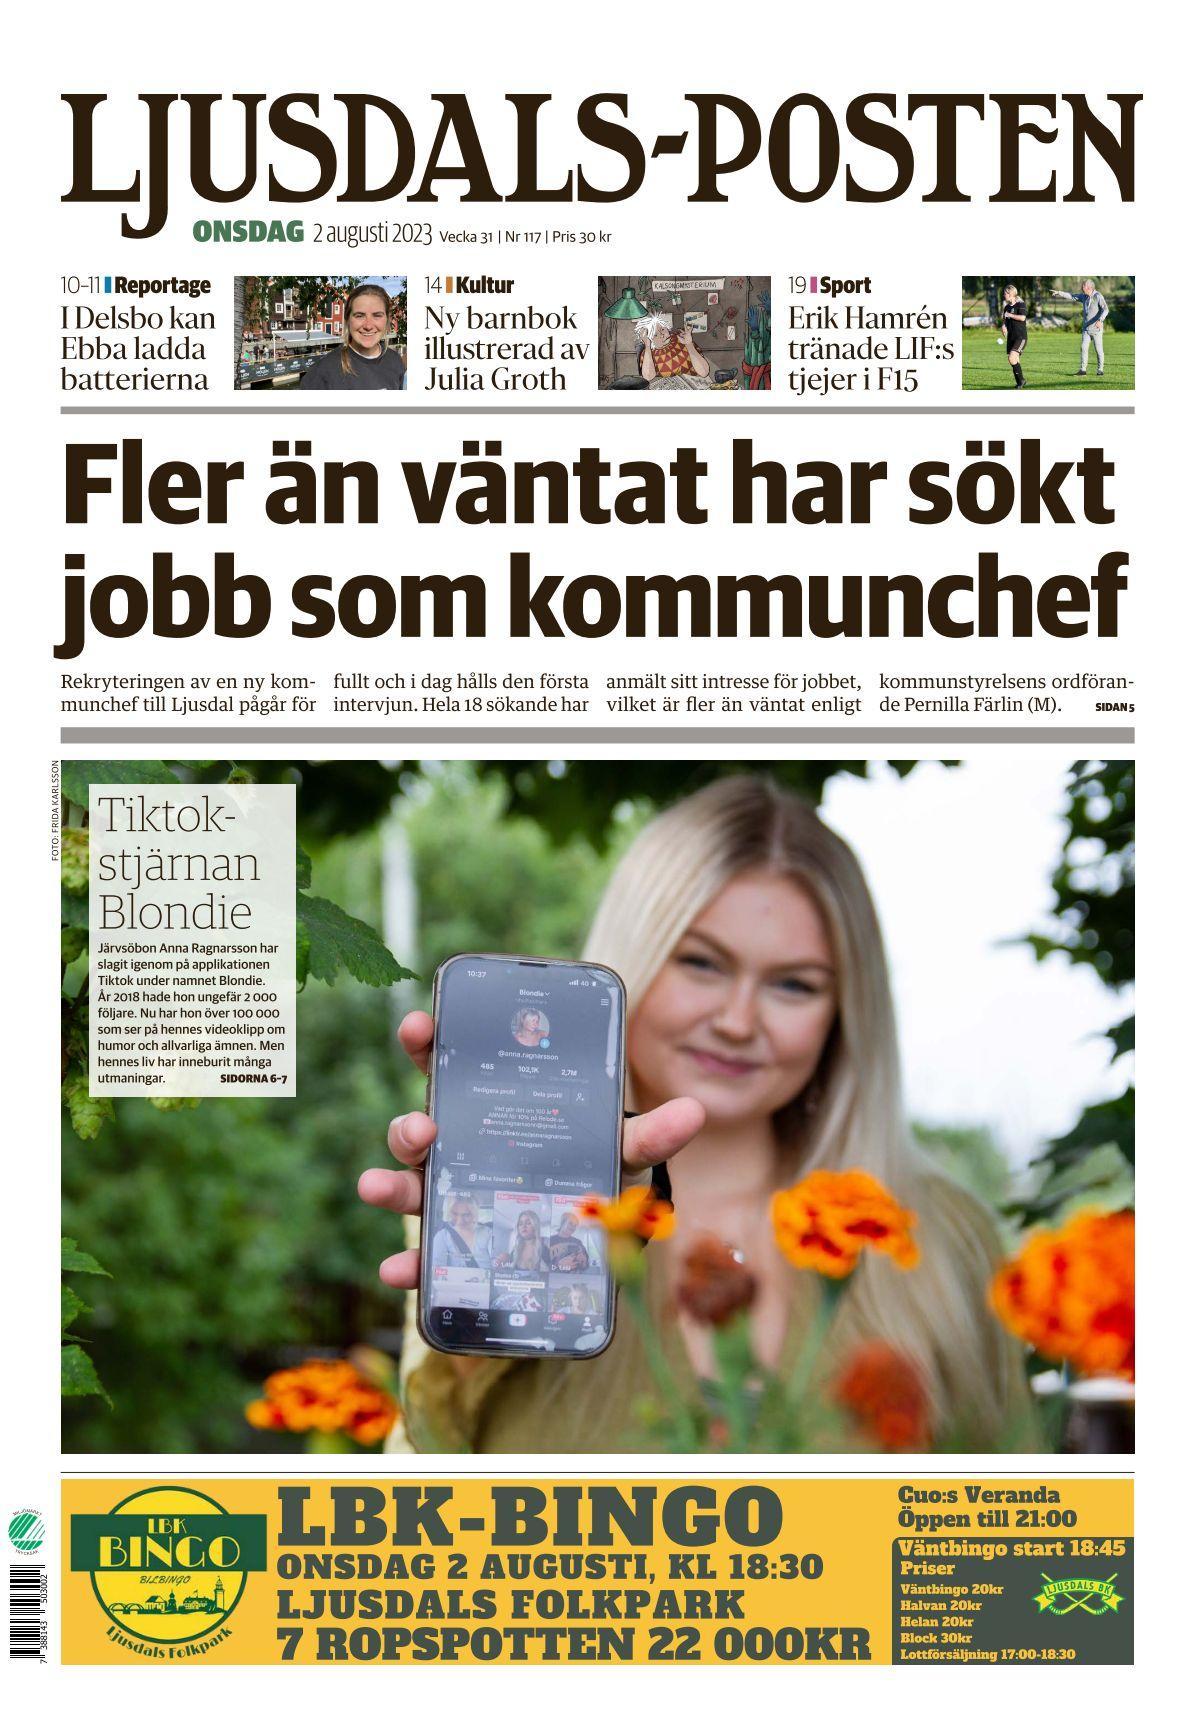 Svensson kraver tal om korruption